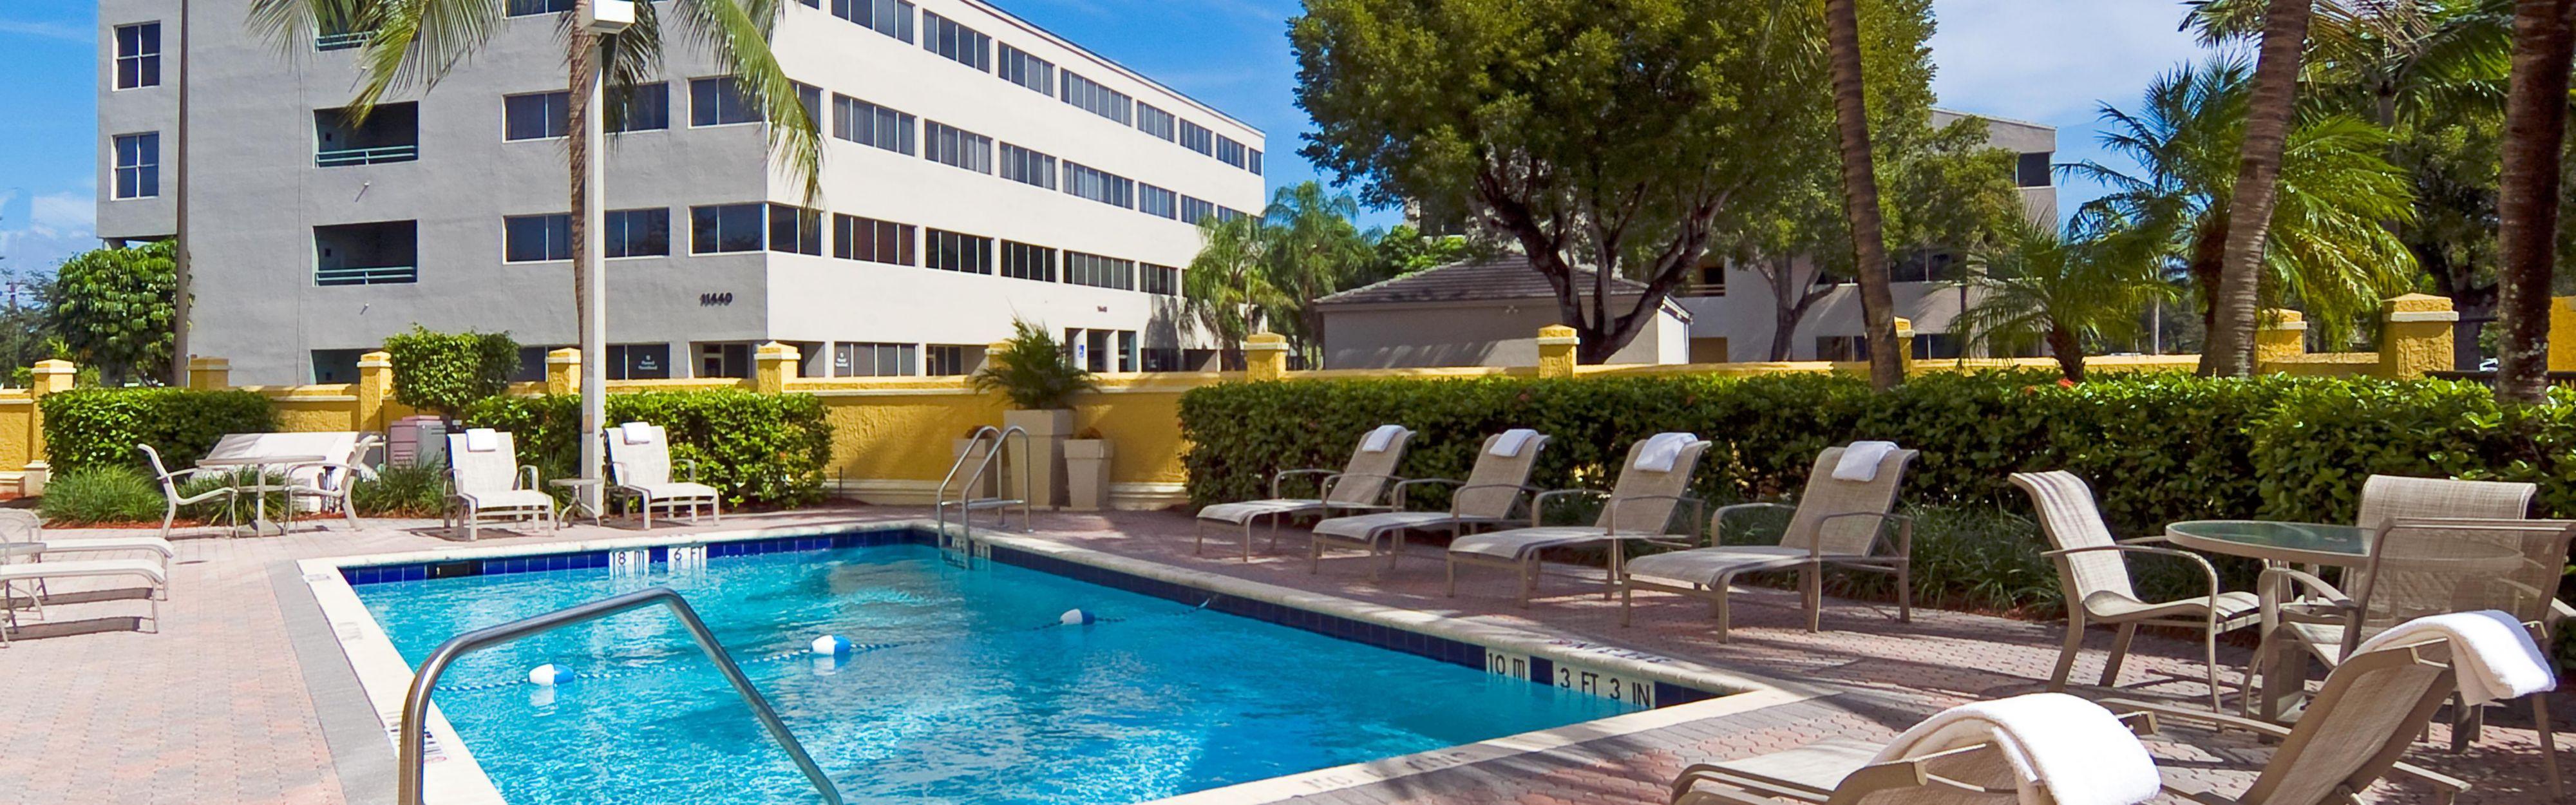 Motels In Kendall Fl